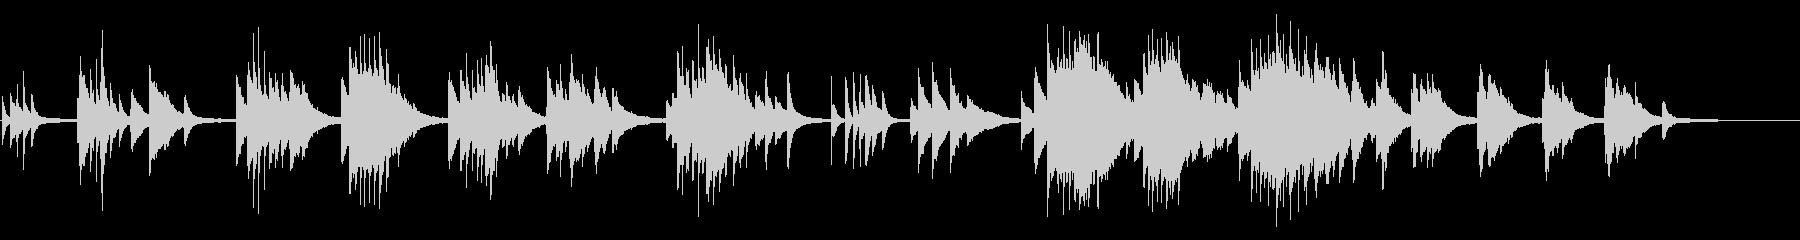 リラックスできるピアノバラードの未再生の波形